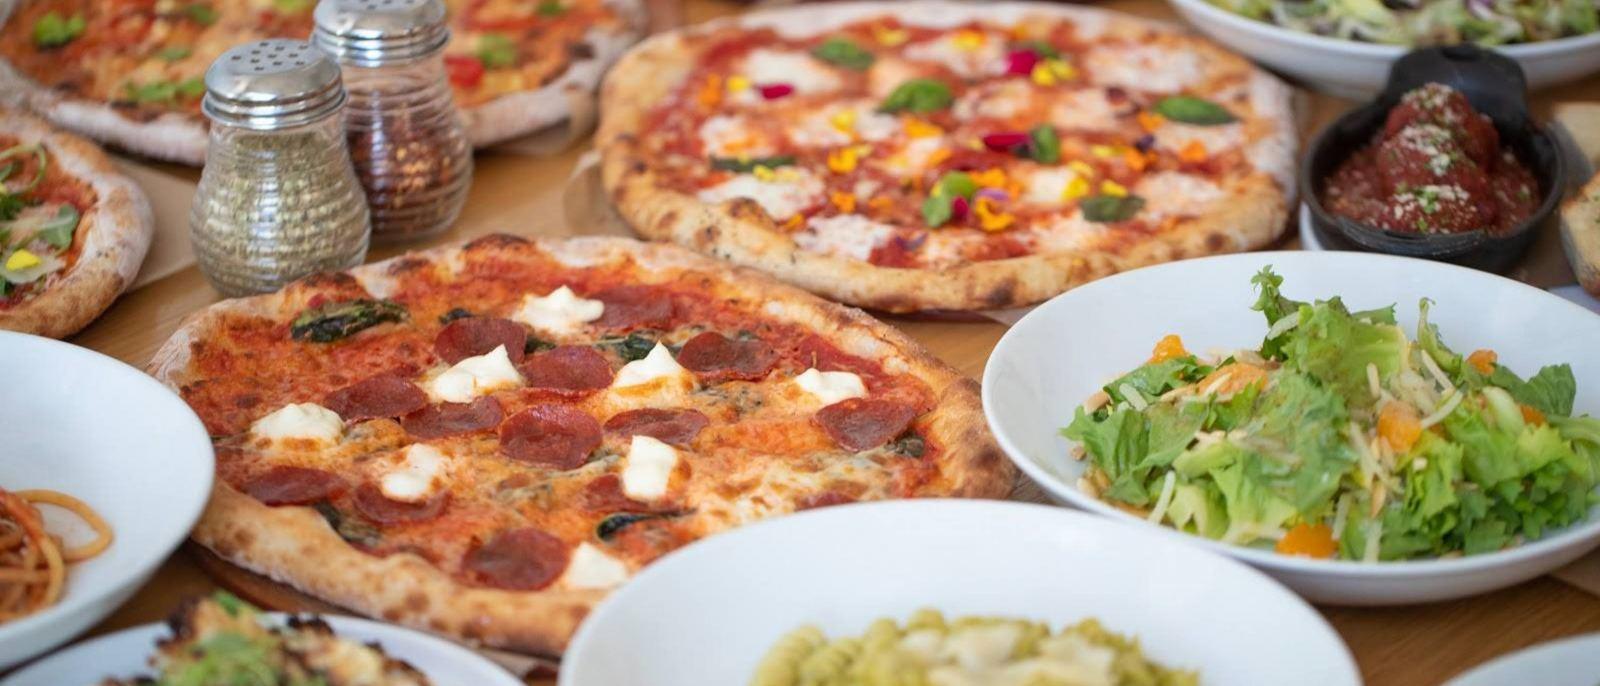 Piencone Pizzeria + Creamery + Pub